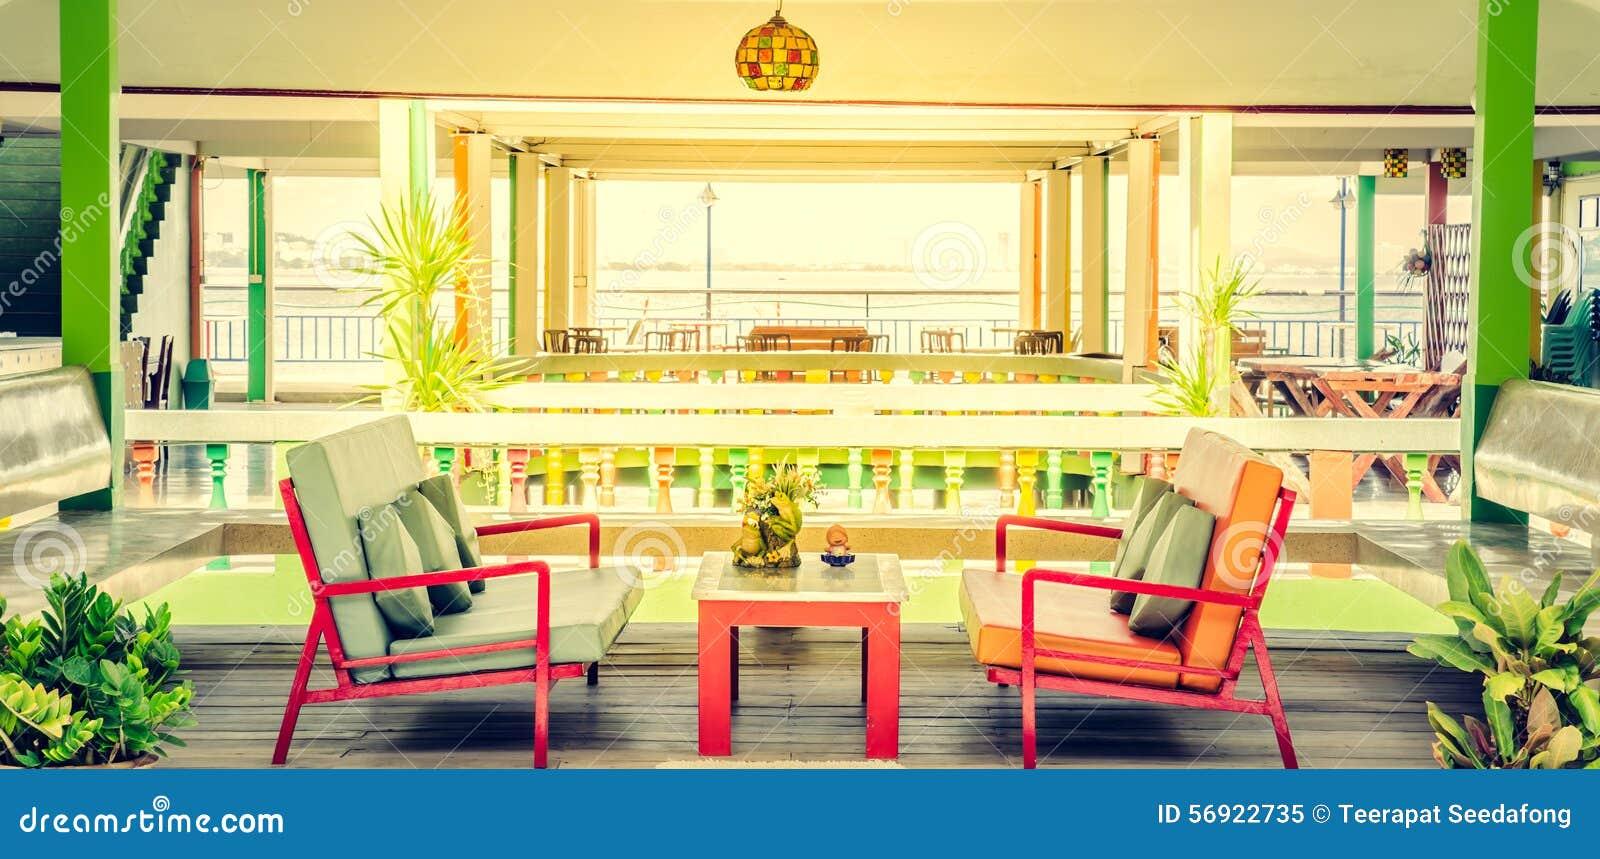 γωνιακό βαγόνι εμπορευμάτων καναπέδων καθιστικών γευμάτων εσωτερικό